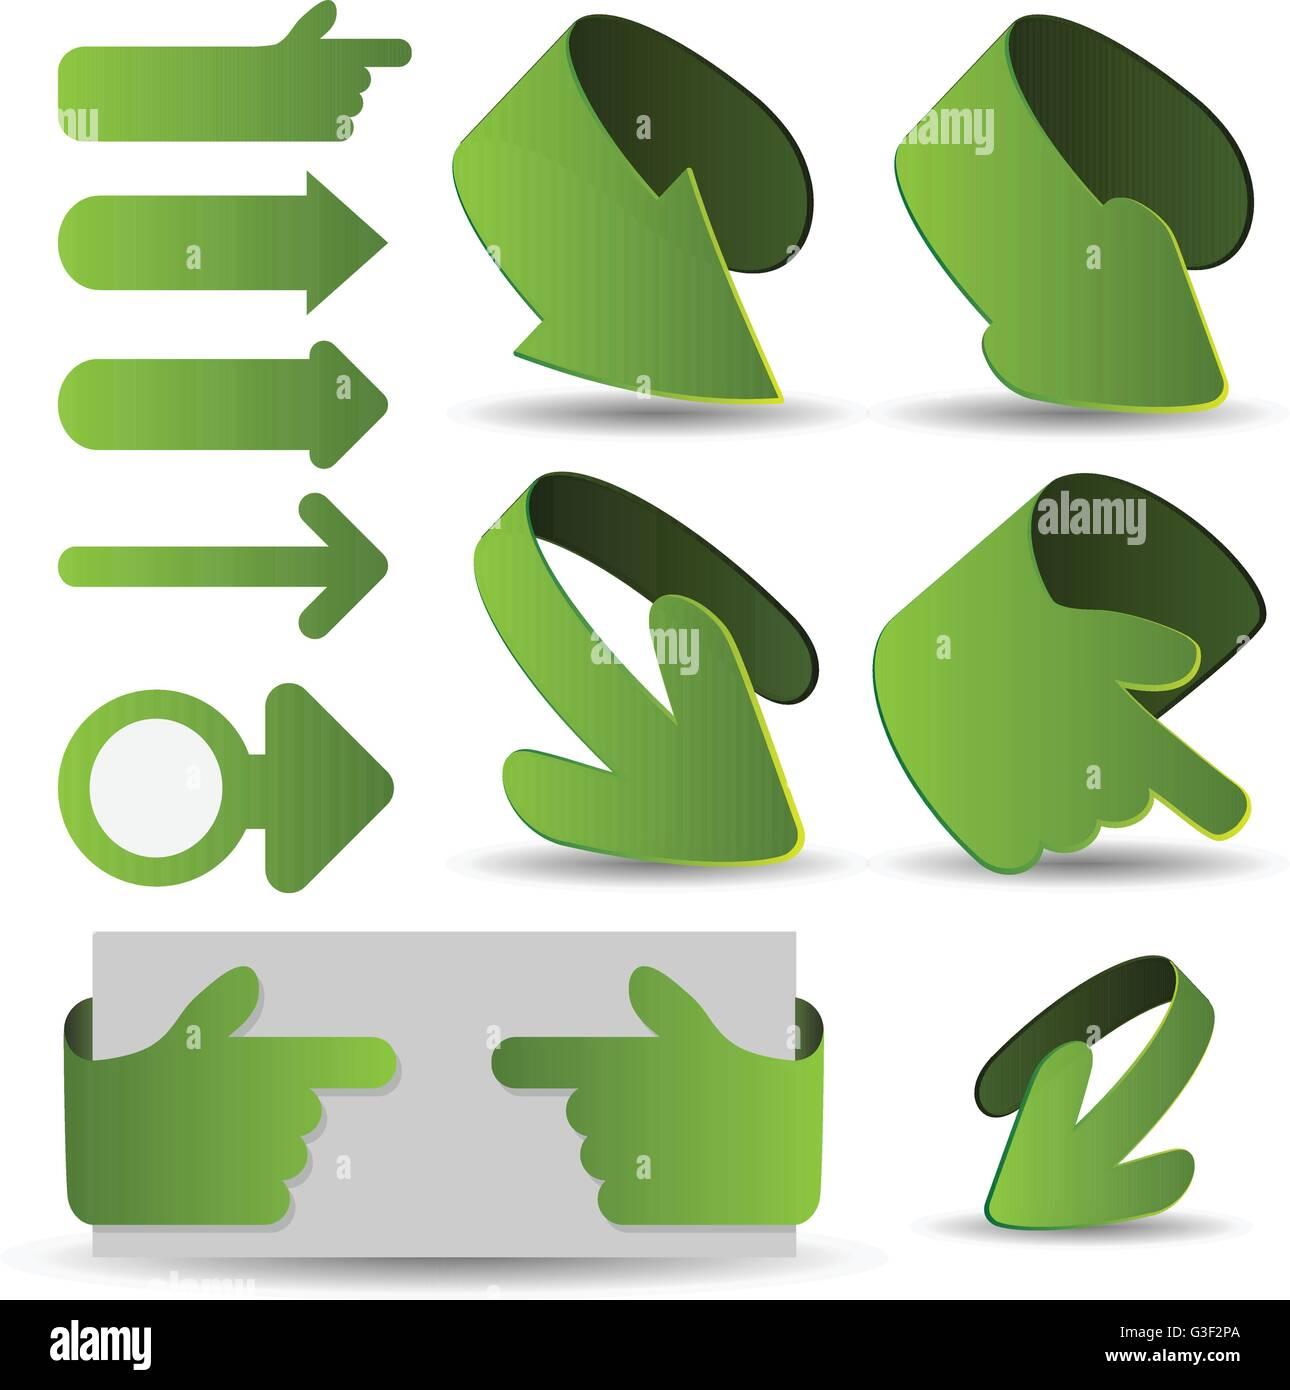 Set of Green 3D Paper Cut Arrow Illustrations Clip-Art - Stock Image